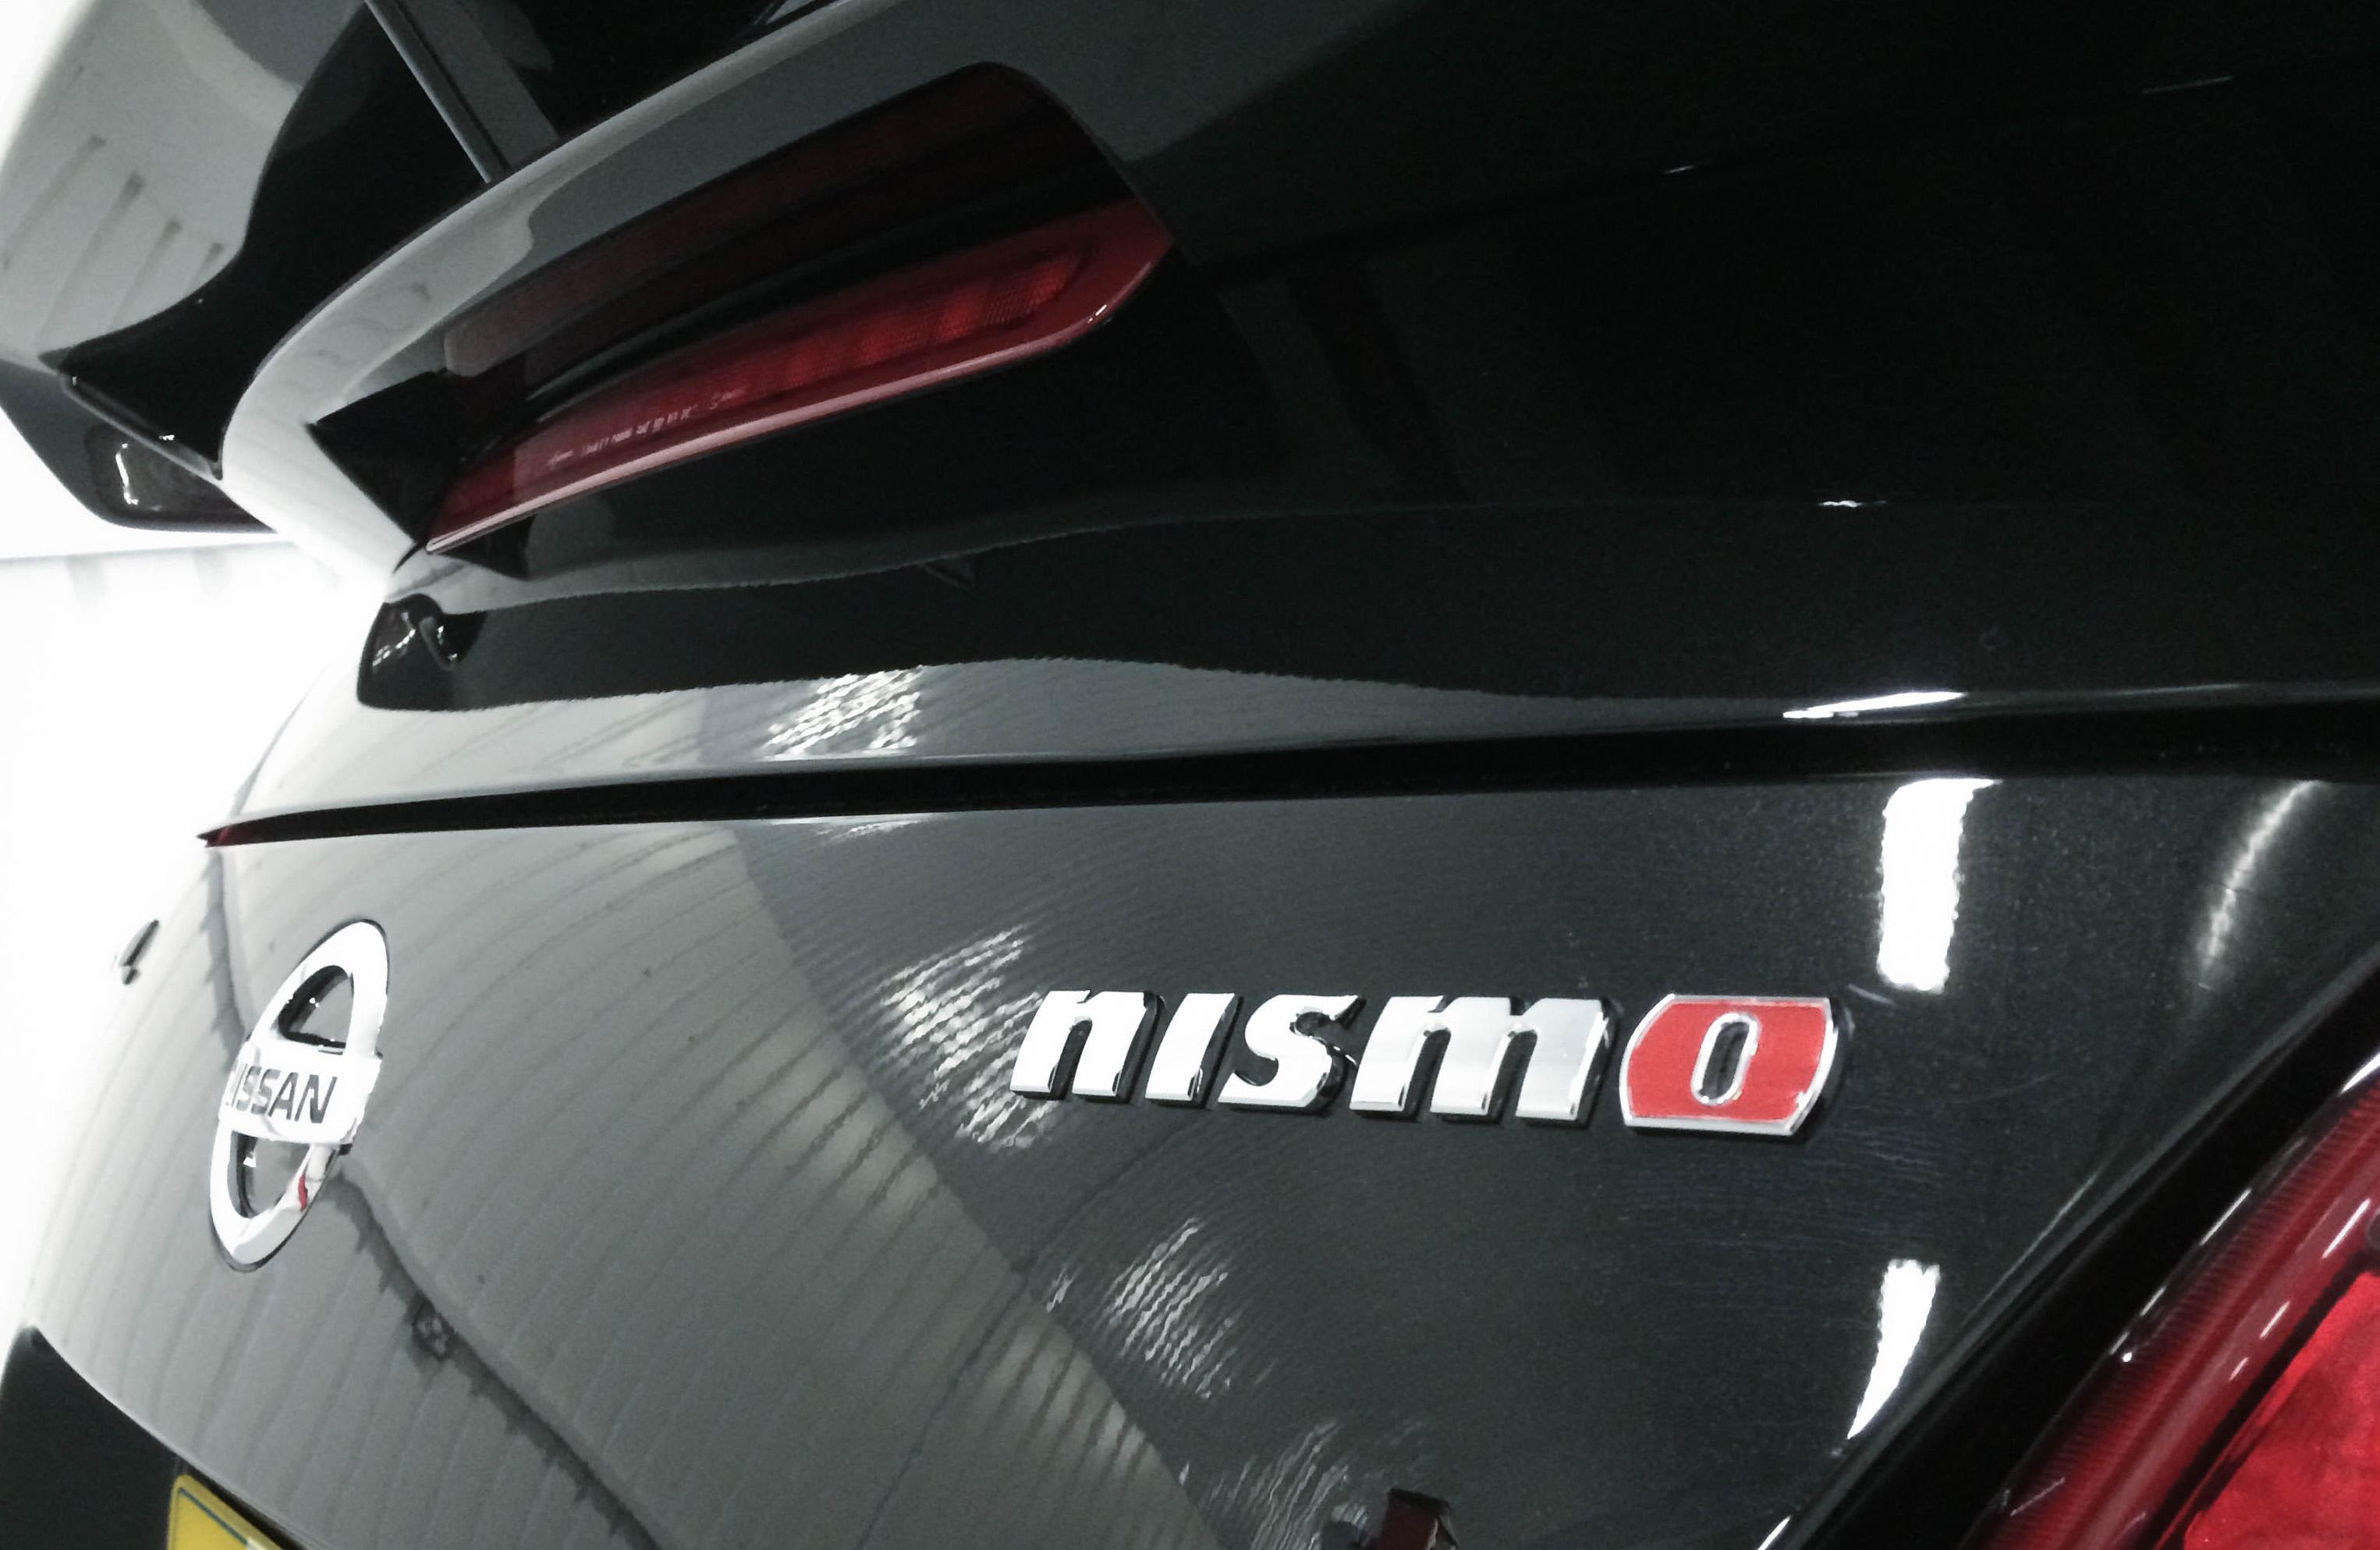 Nissan 370z Nismo – Badge